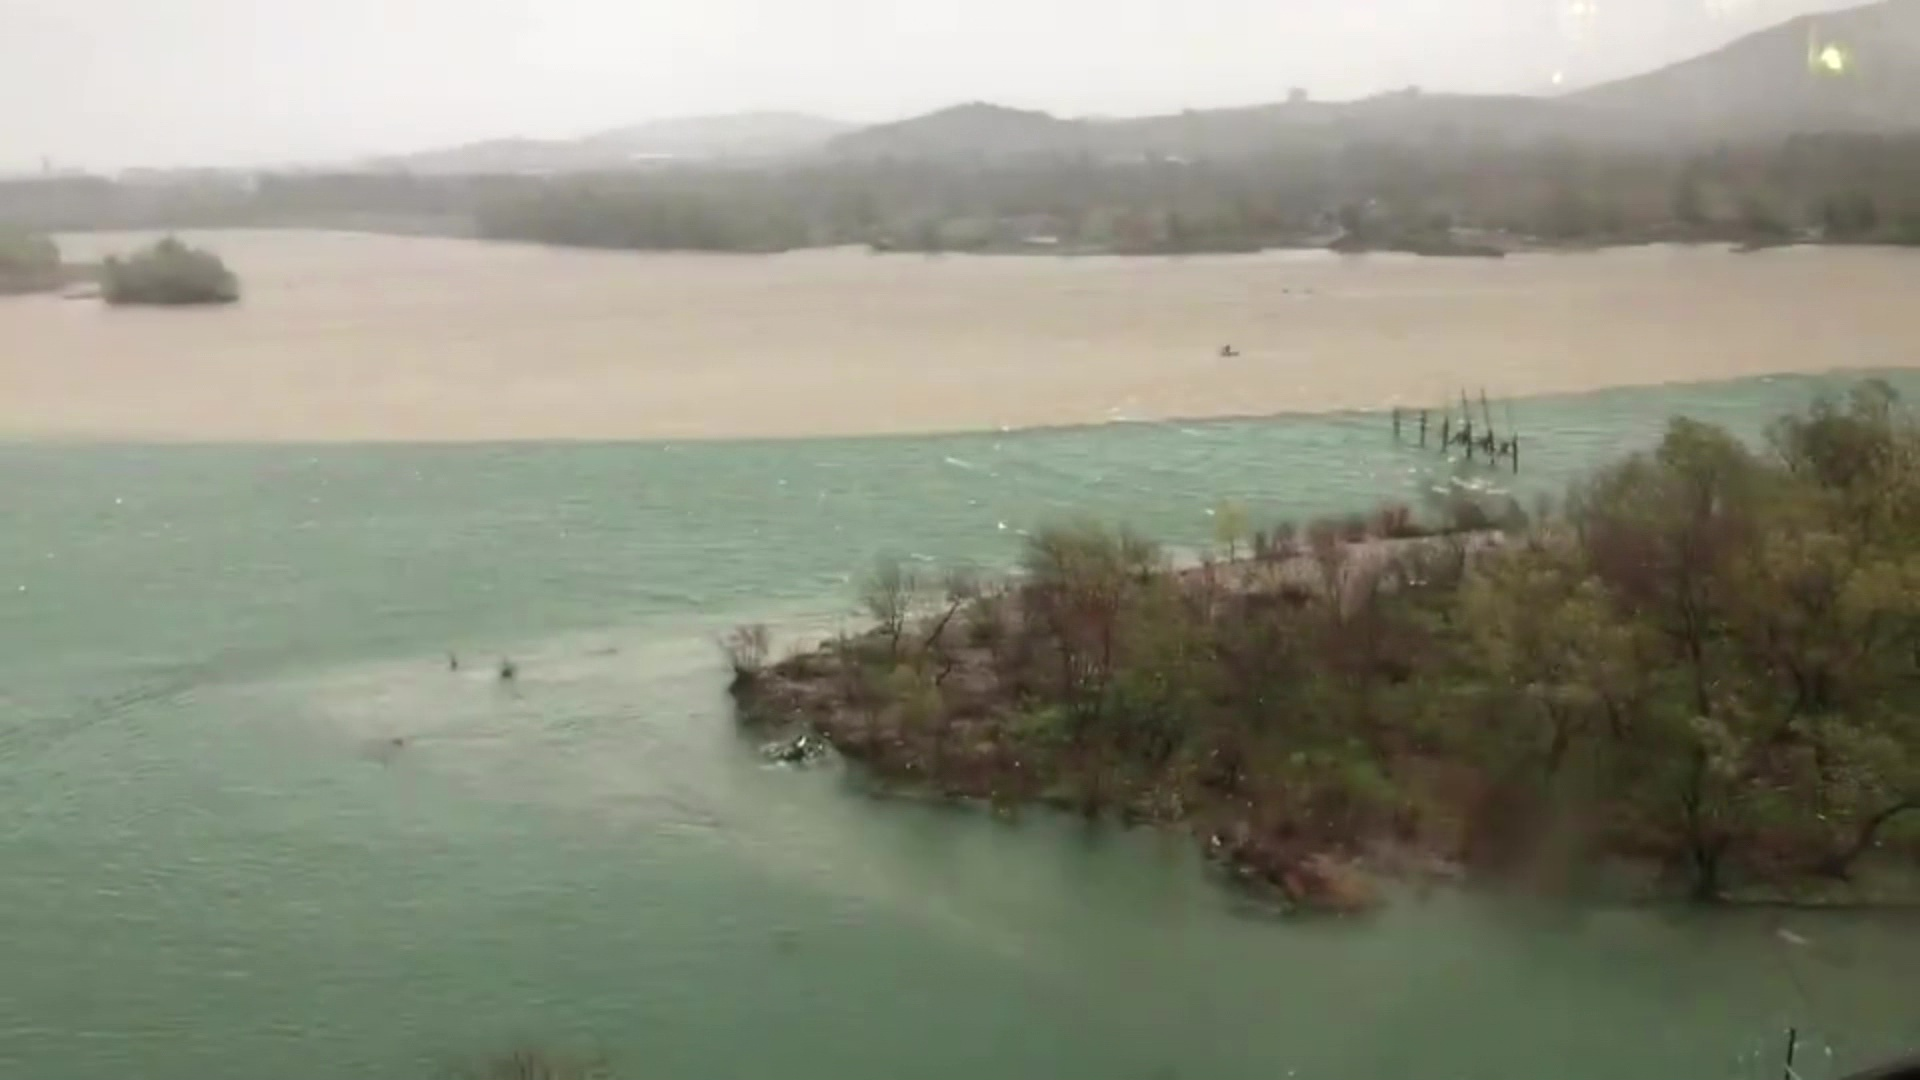 Shkodër, rritet niveli i ujit në Kir dhe në Bunë nga reshjet